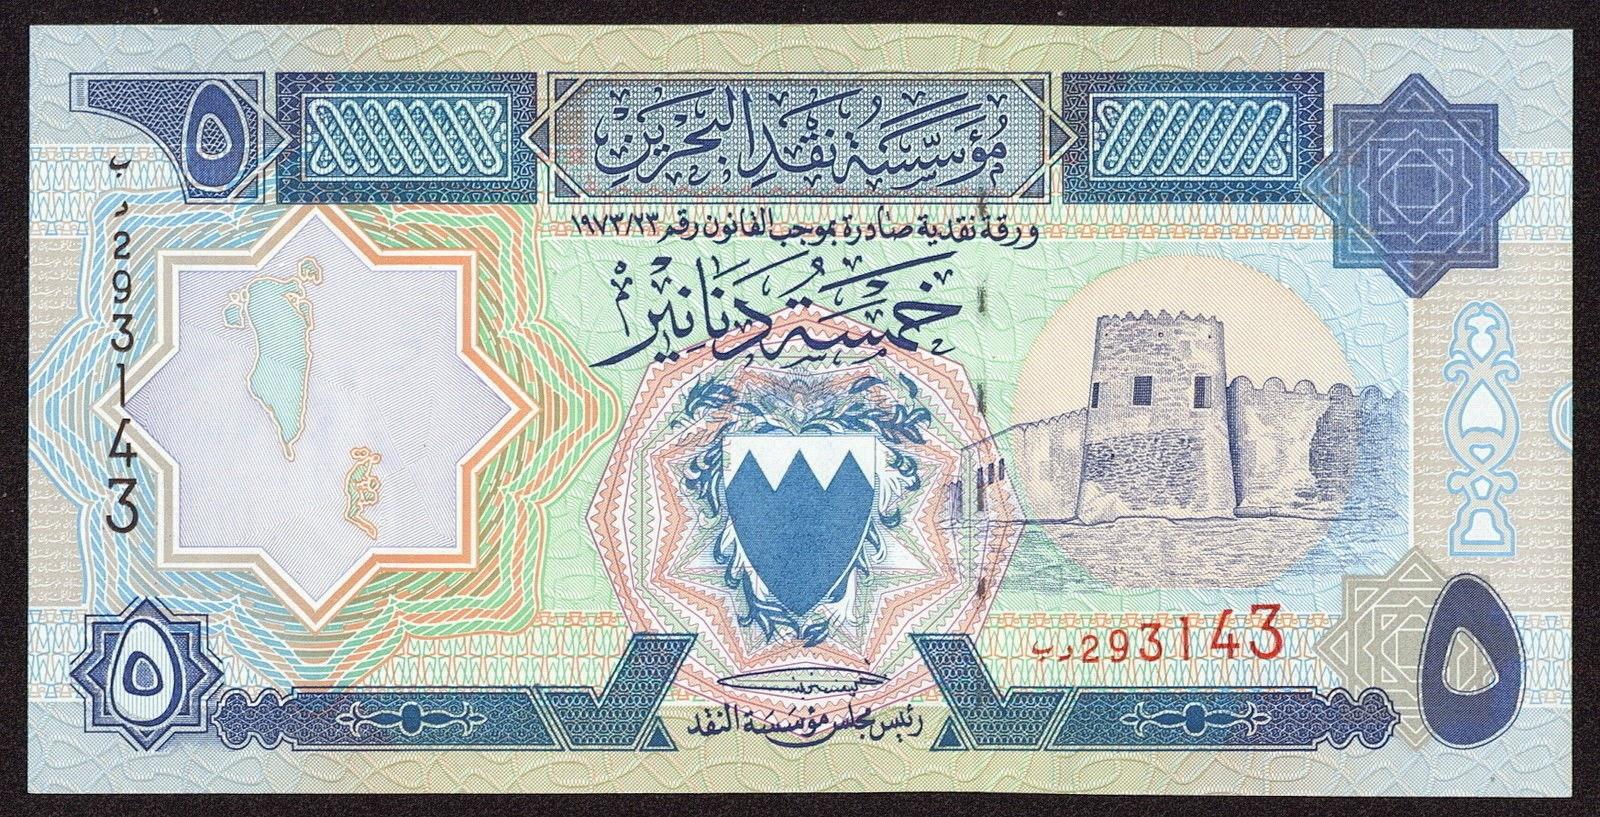 Bahrain Banknotes 5 Dinars banknote 1993 Riffa Fort